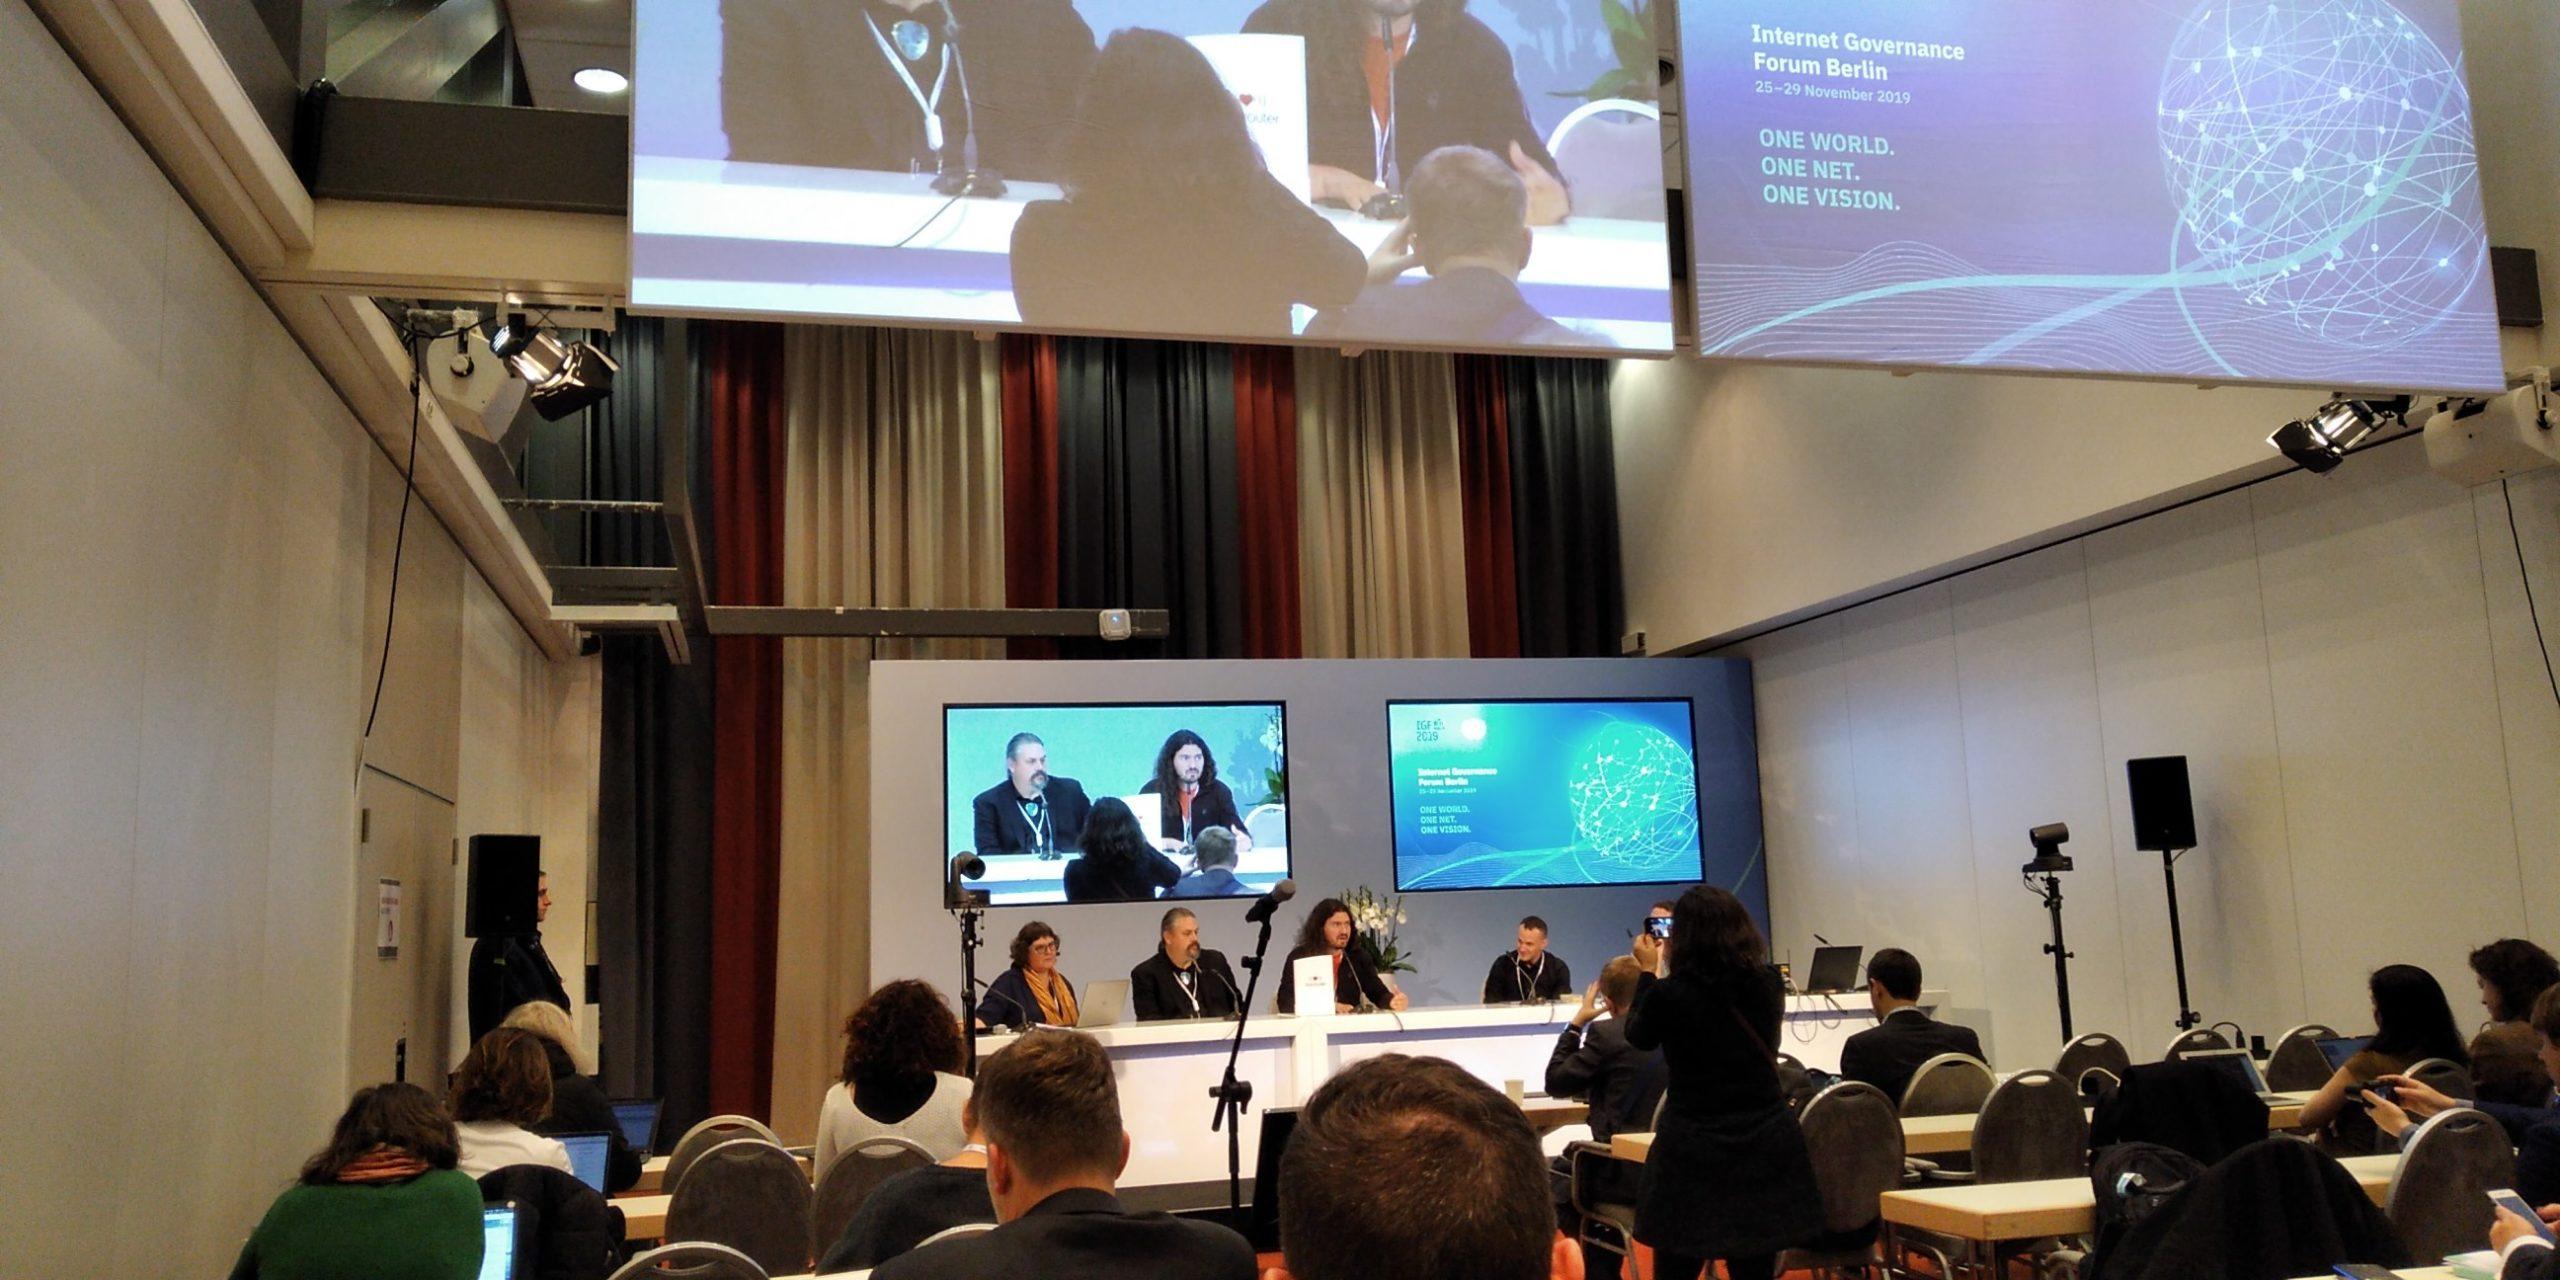 En la sesión del día 0 del Foro de Gobernanza de internet 2019 en Berín, Nico Pace de Altermundi en la sesión sobre bienes comunes presentando el Libre Router.